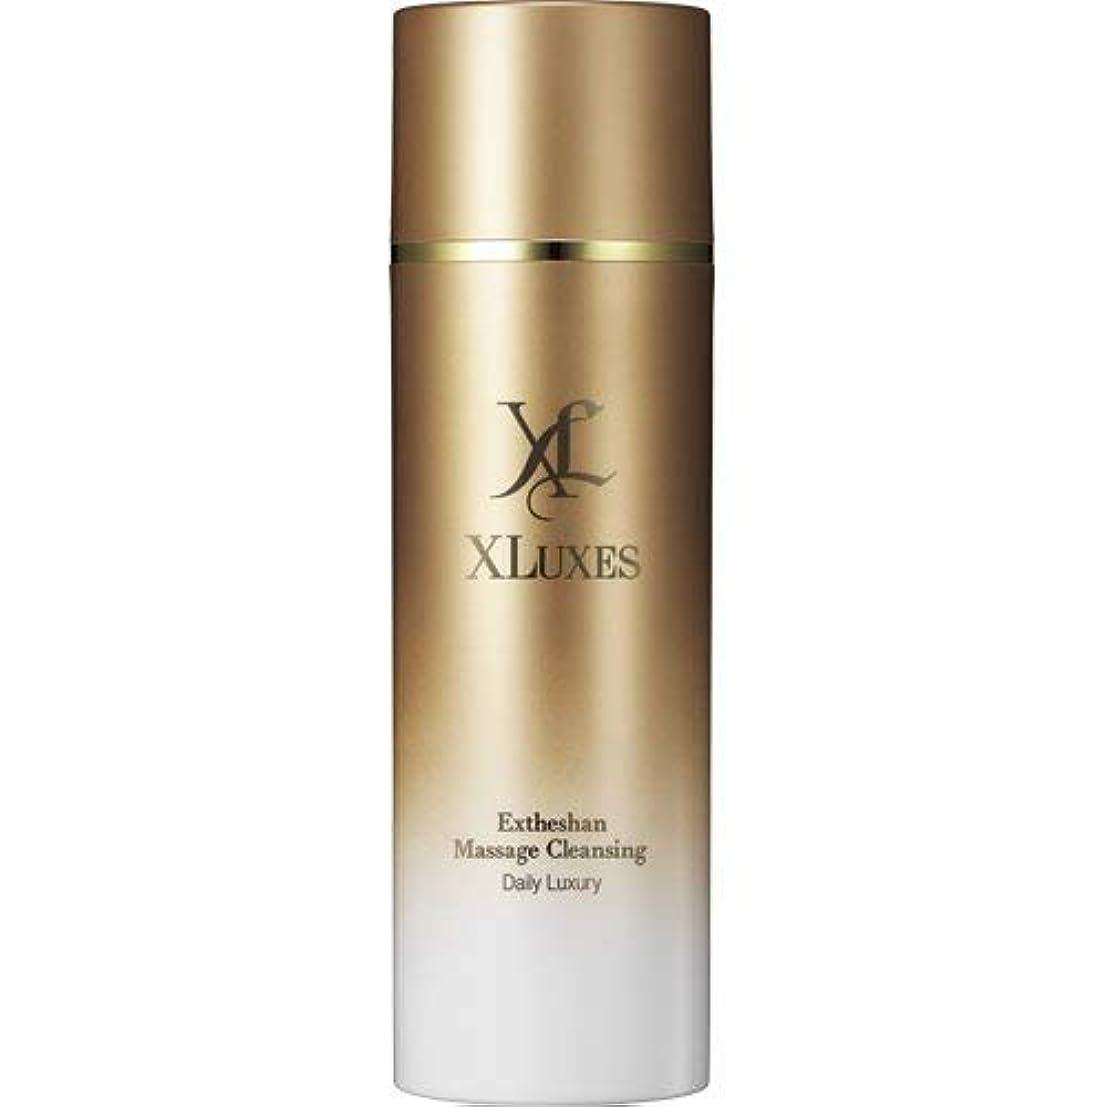 満足させる掻く鹿XLUXES クレンジング [ヒト幹細胞 培養液配合] エグゼティシャン マッサージクレンジング (ダマスクローズの香り) メイク落とし